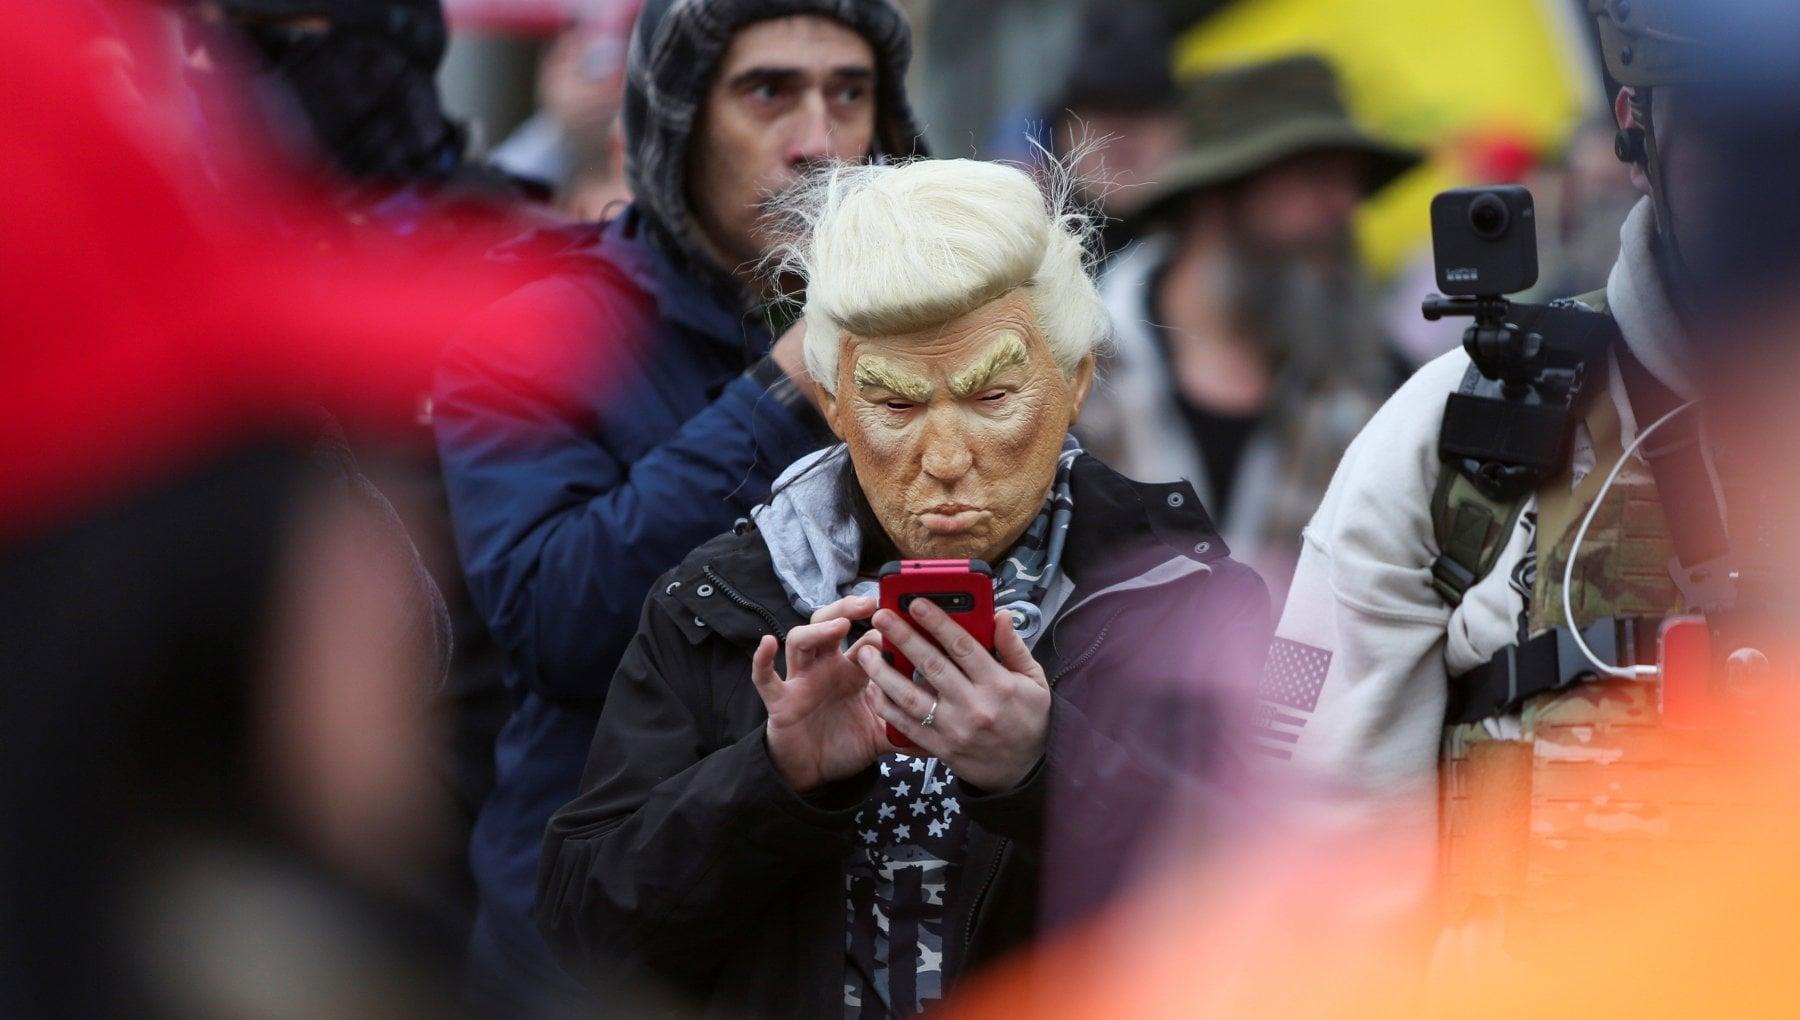 211353140 4682adcd 1f2f 4320 9805 8b95ed2fc0f1 - Audio di Trump: pressioni e minacce per ribaltare il voto delle presidenziali in Georgia